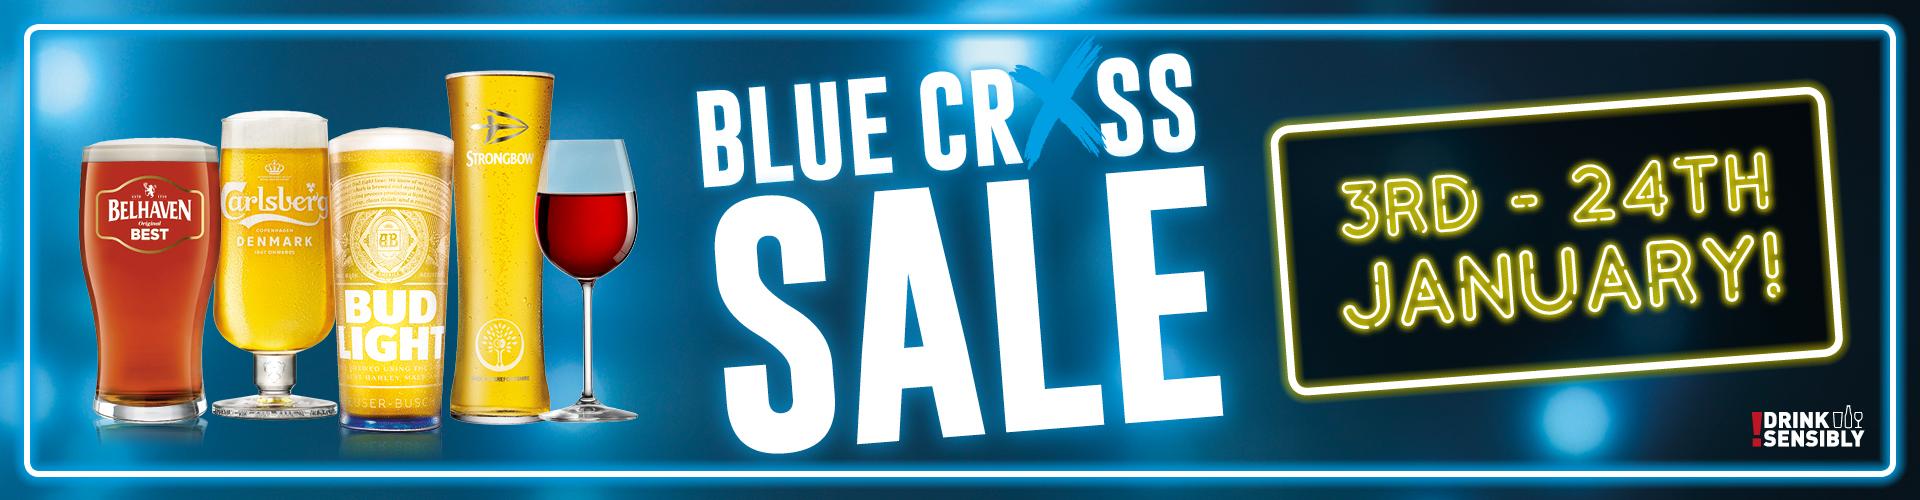 Blue Cross Sale - drinks from £2.49